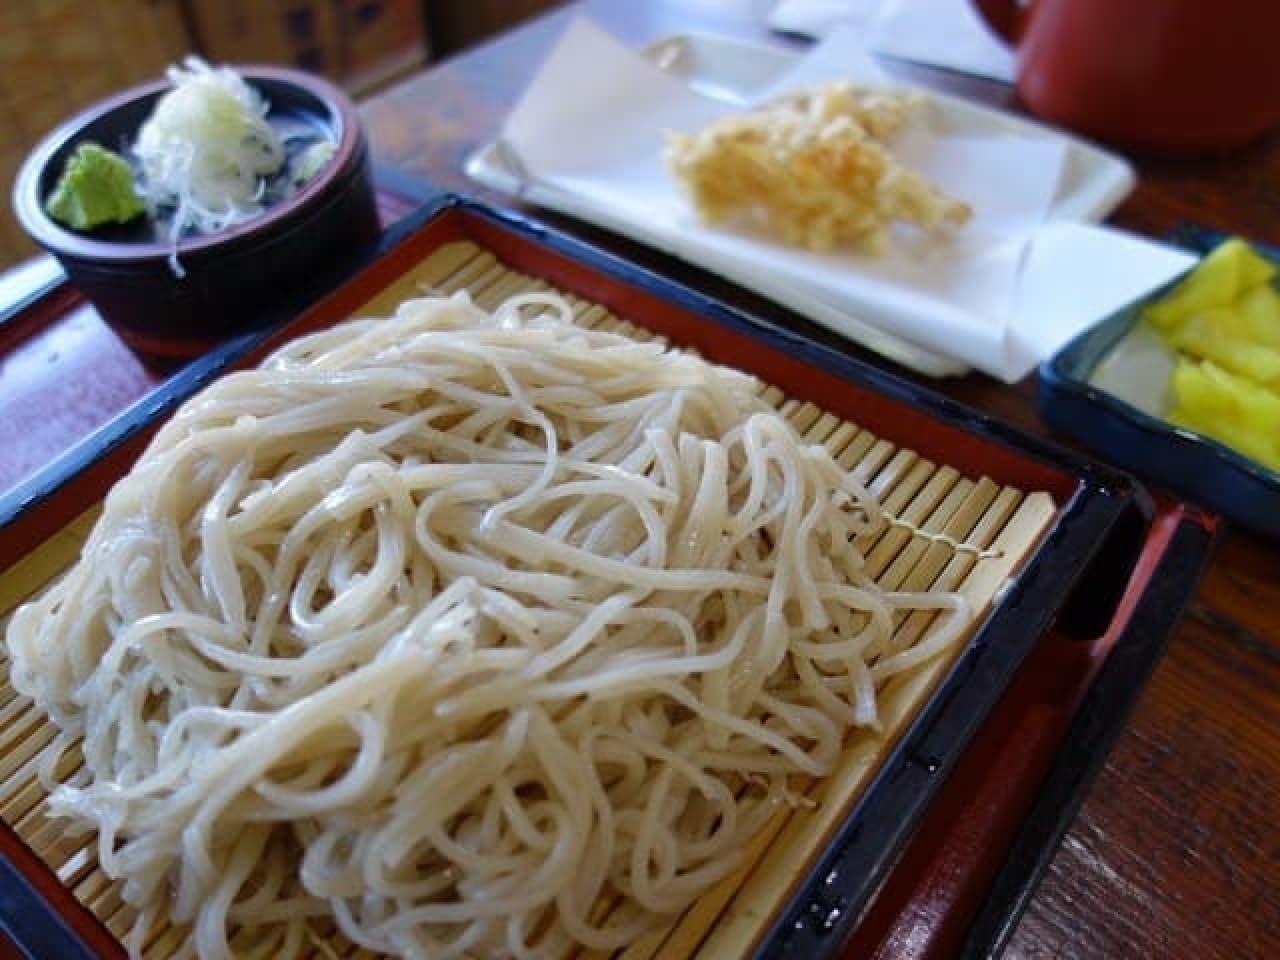 大江戸和宴で提供される福島韃靼そばのイメージ写真